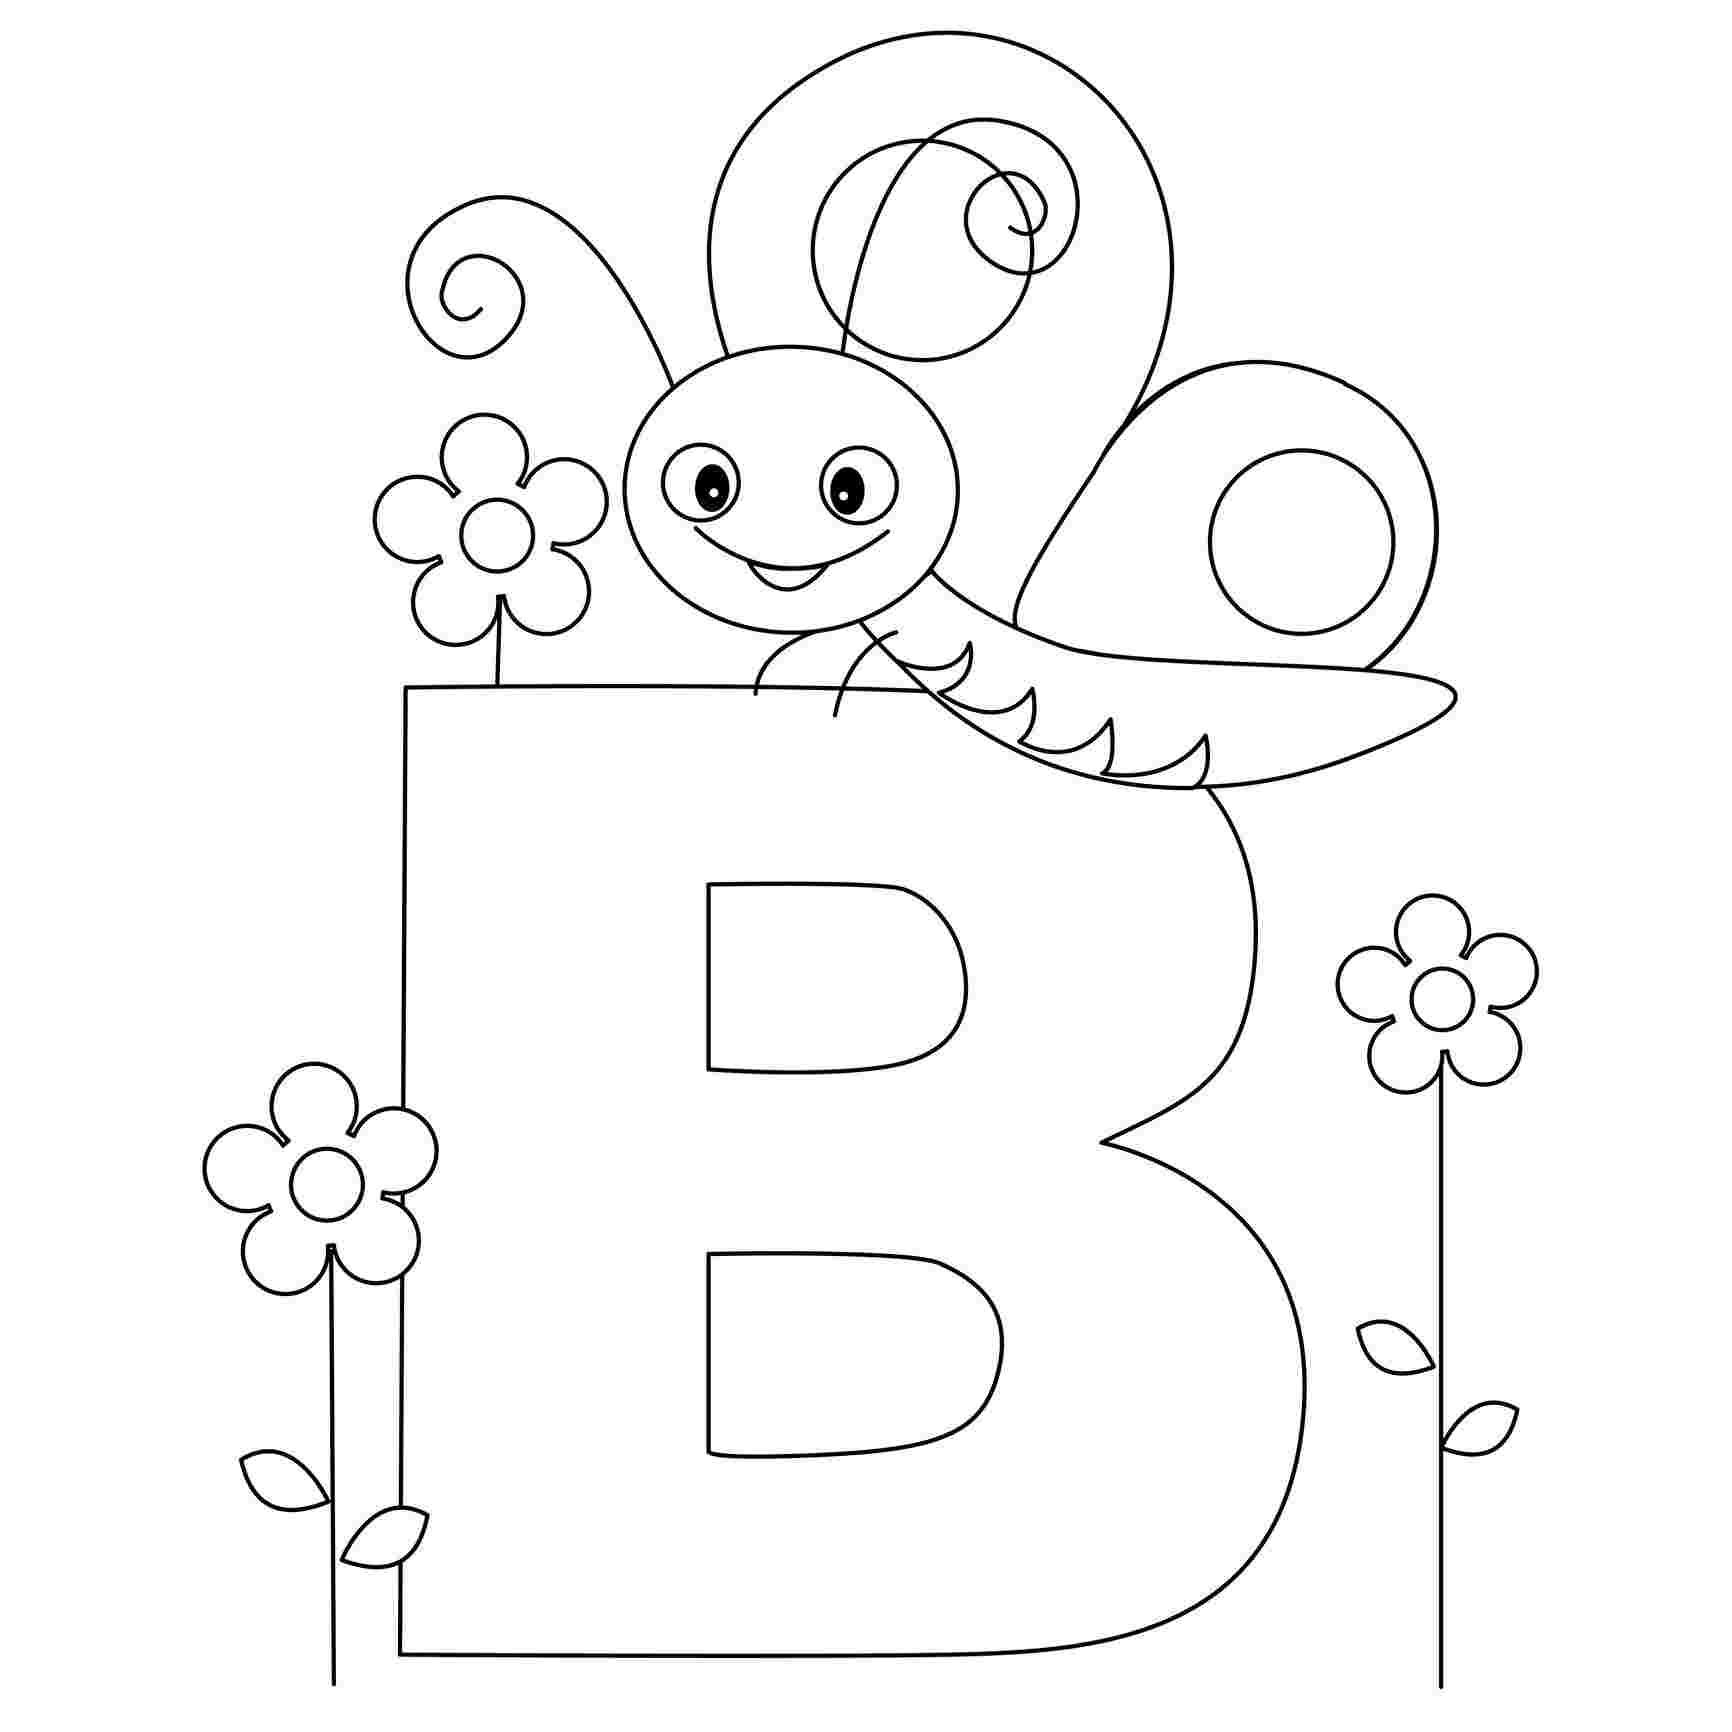 Tranh tô màu chữ cái B con ong